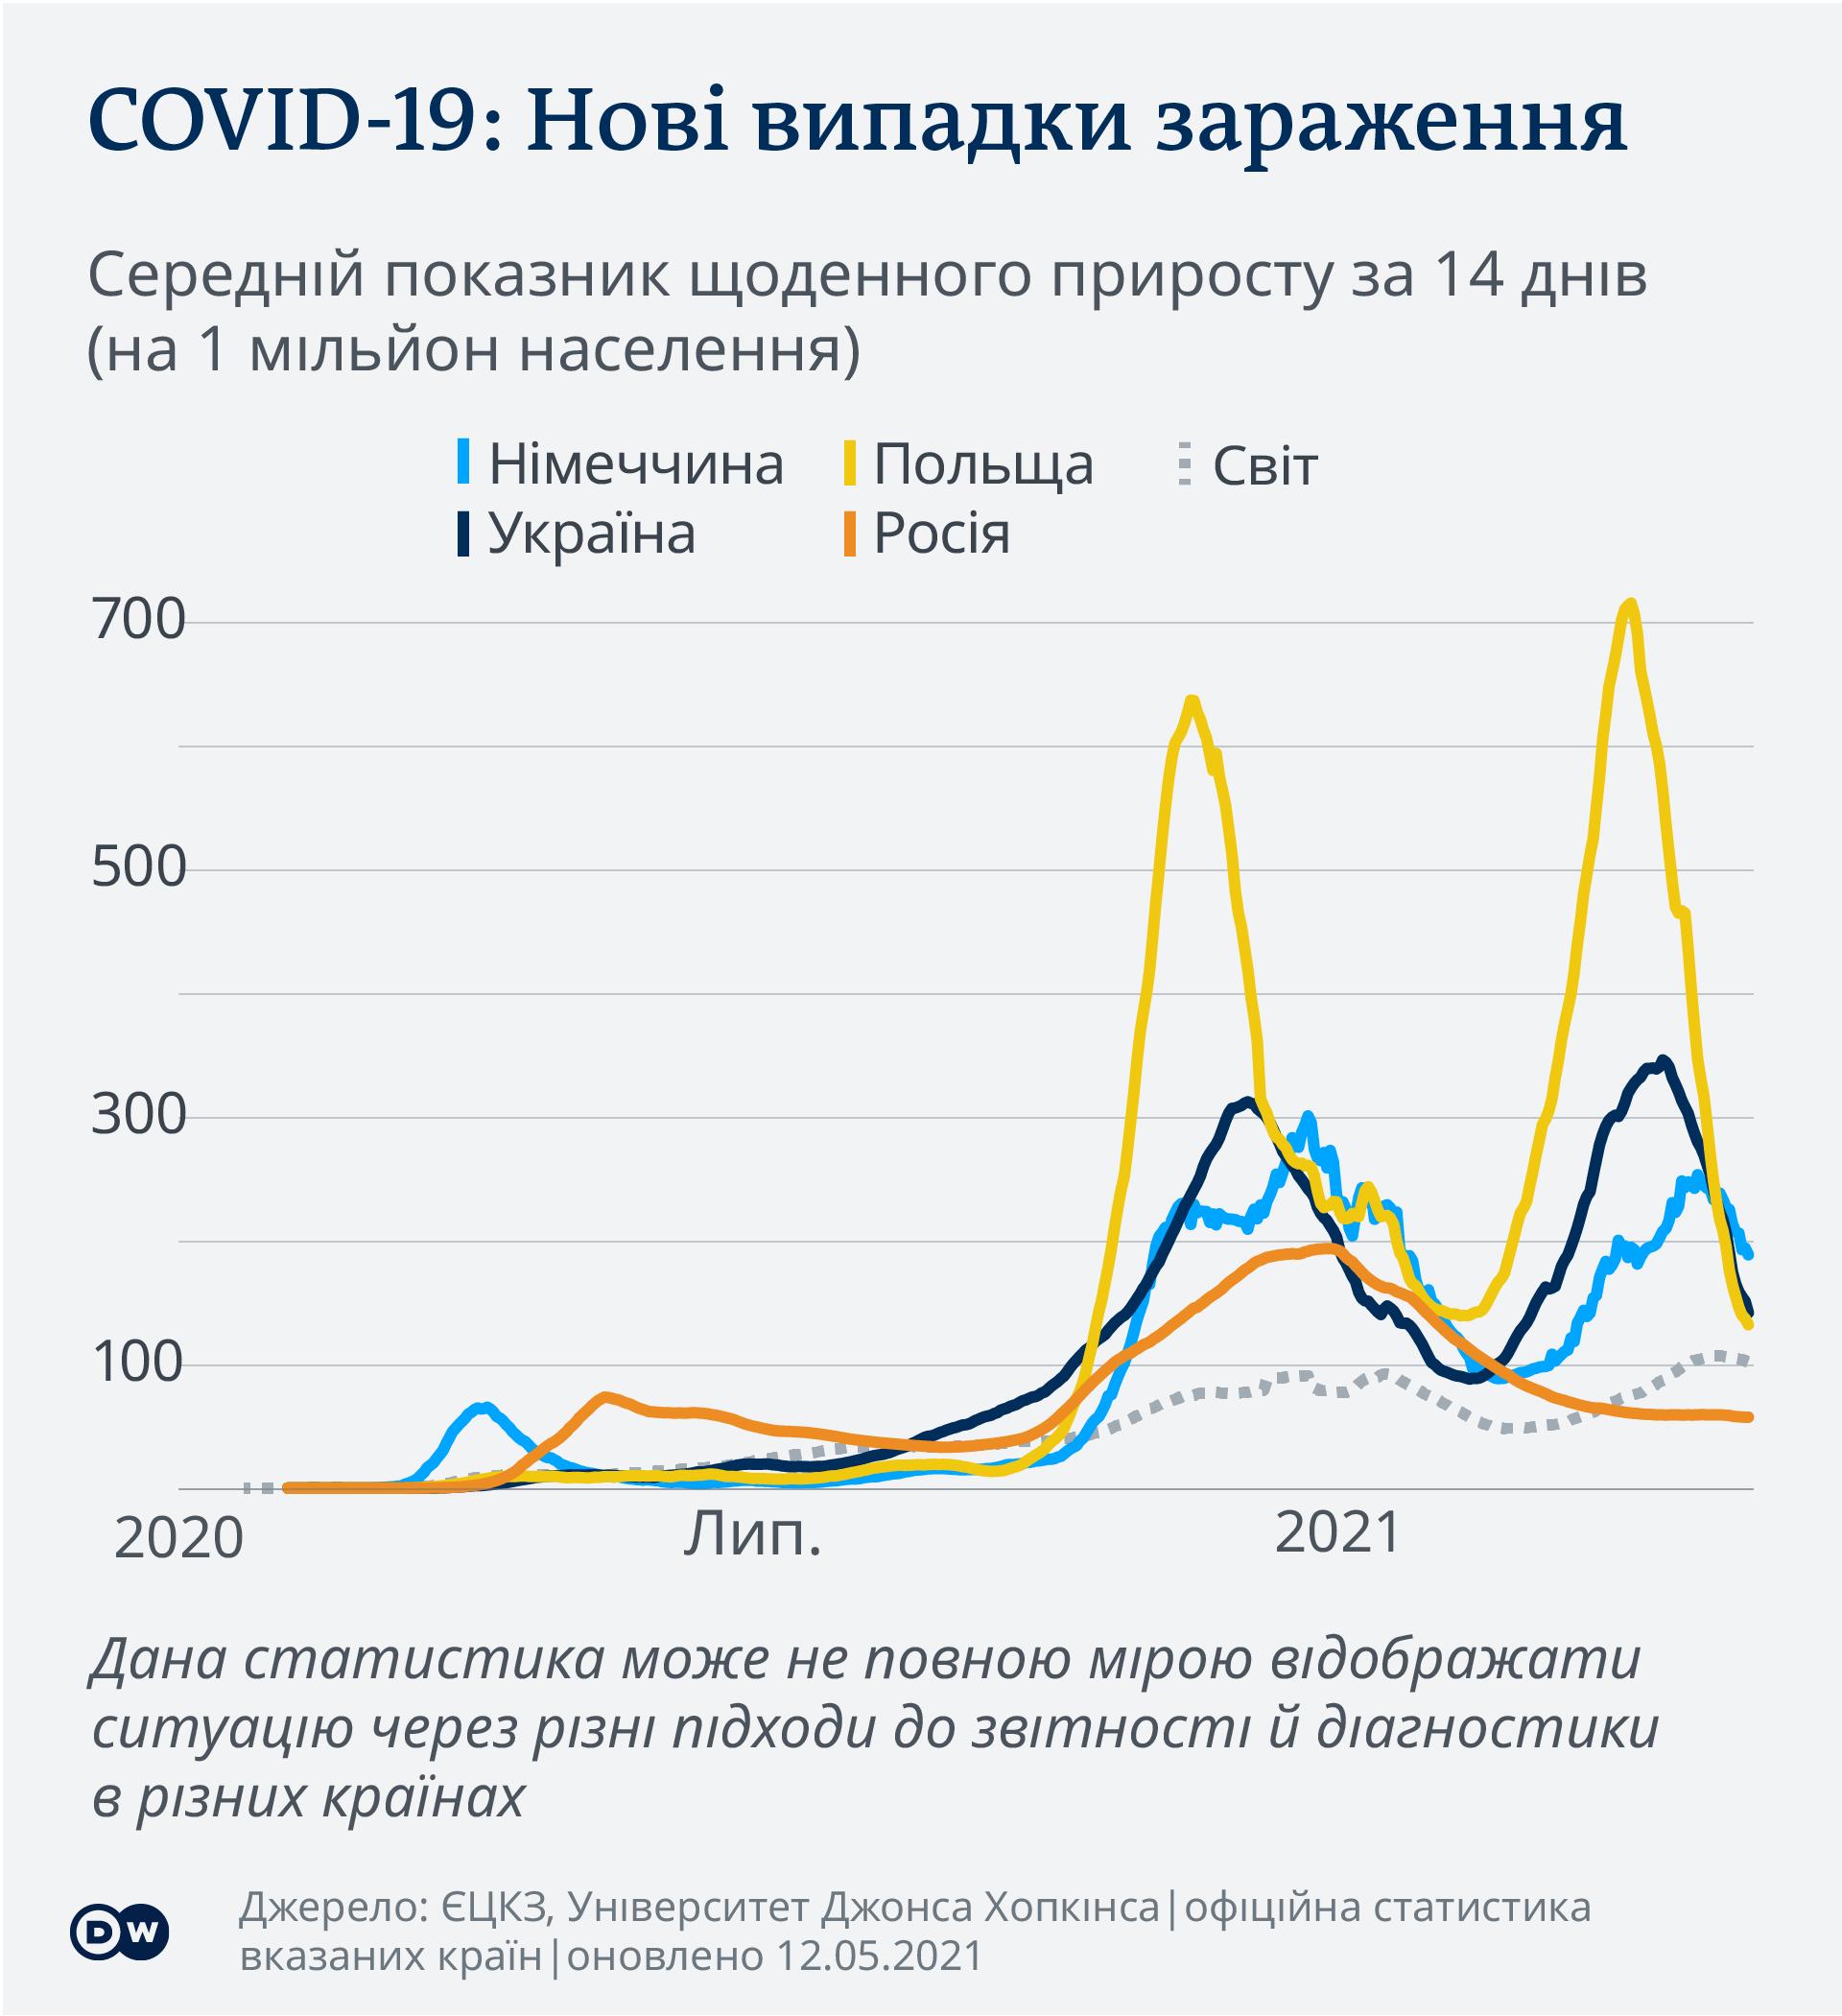 Інфографіка: Нові випадки зараження коронавірусом в Україні, Німеччині, Польщі, Росії та світі